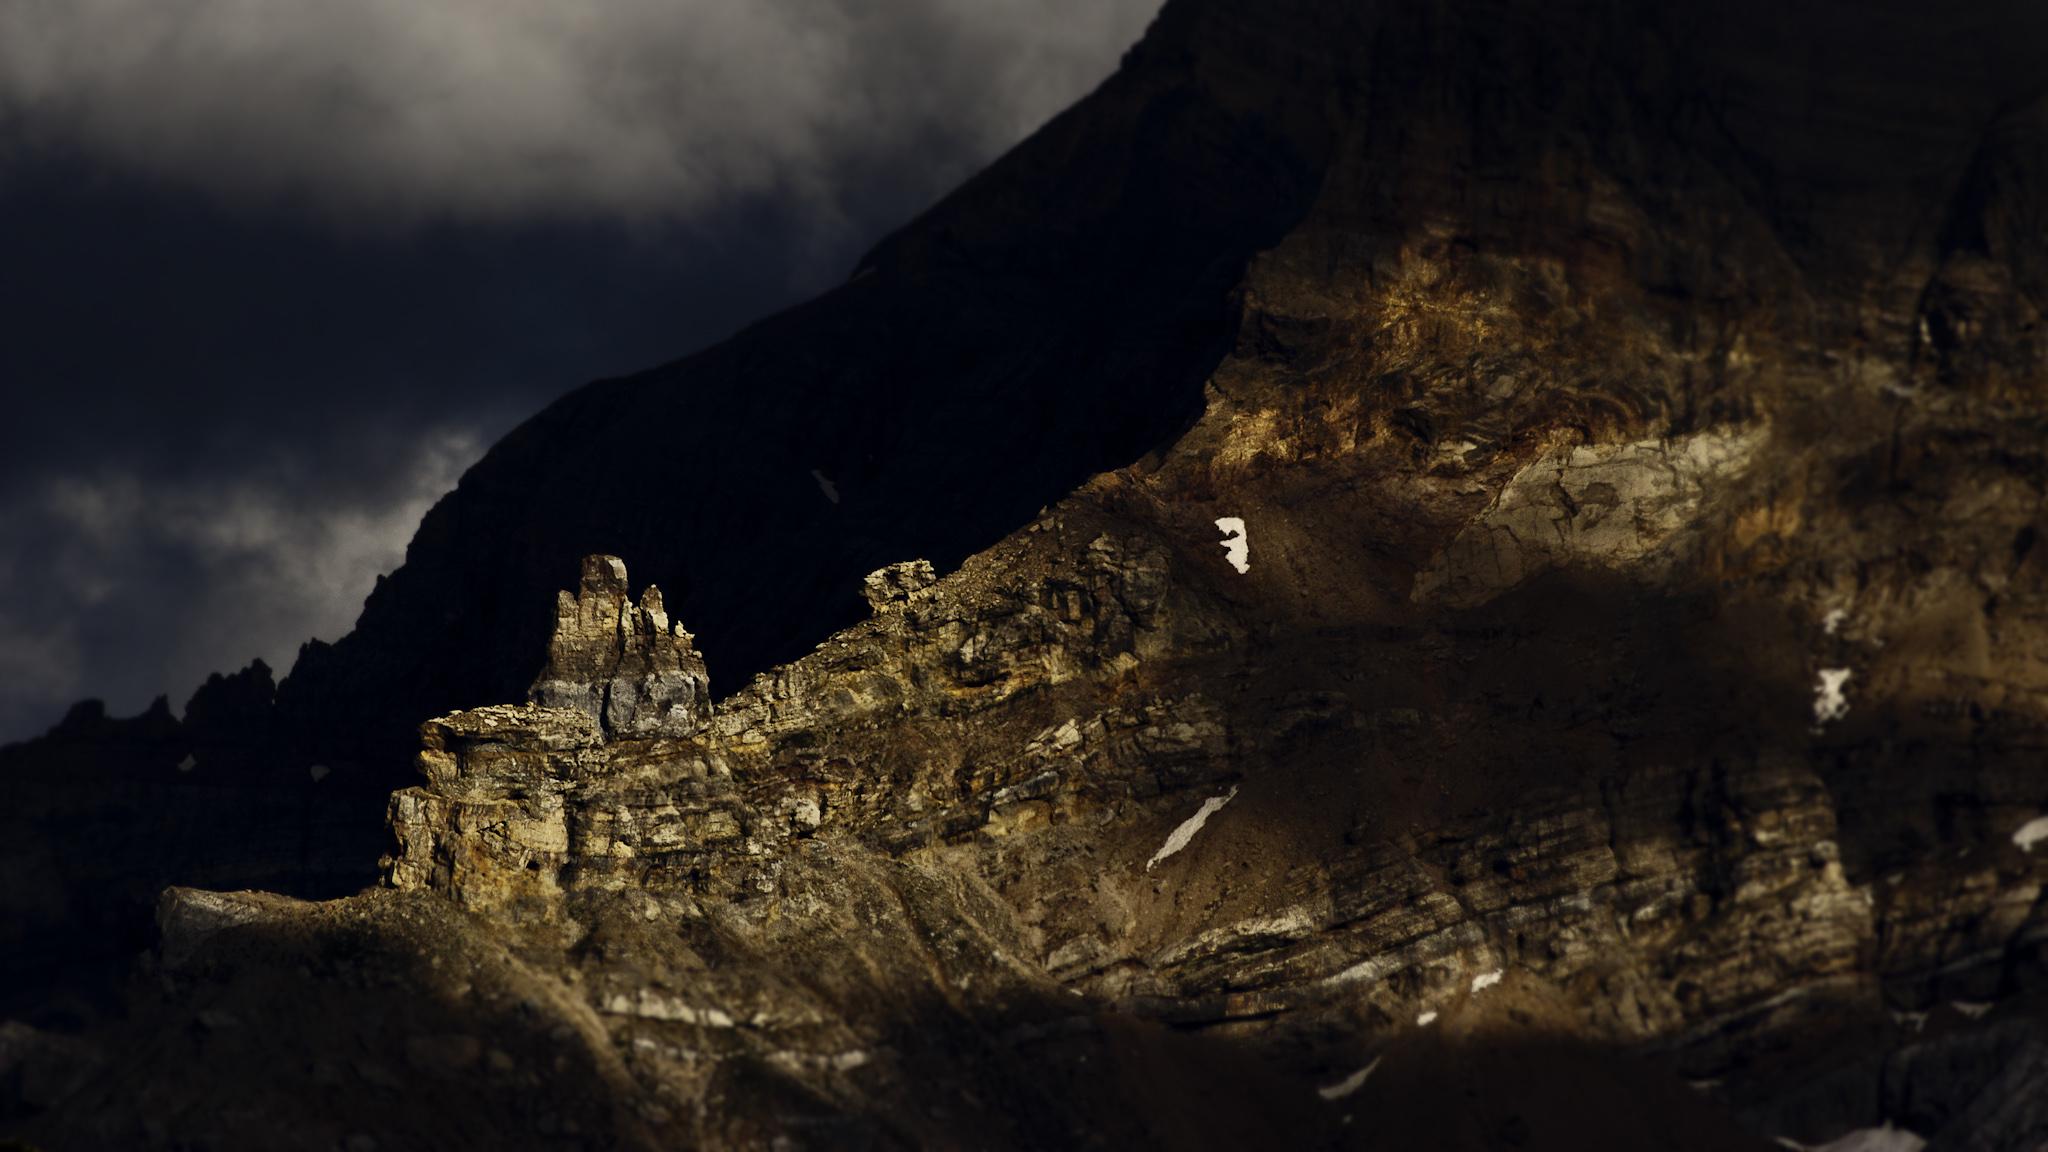 Campanal de Izas 2 - Paisajes del valle - Fotos del Valle del Aragón, Mikel Besga